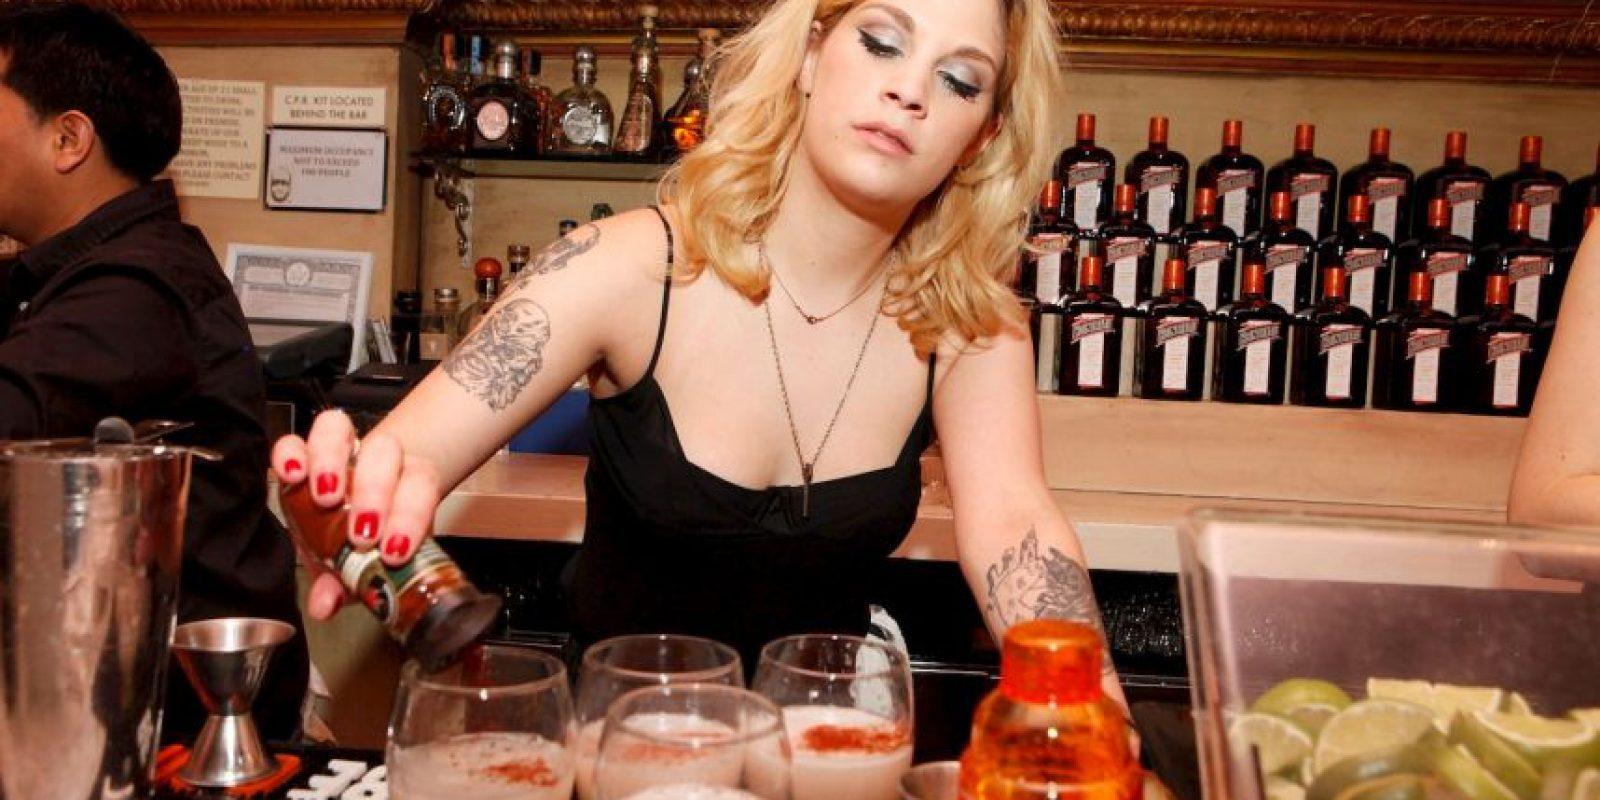 El consejo es reemplazar las bebidas alcohólicas por la cerveza de jengibre. Foto:Getty Images